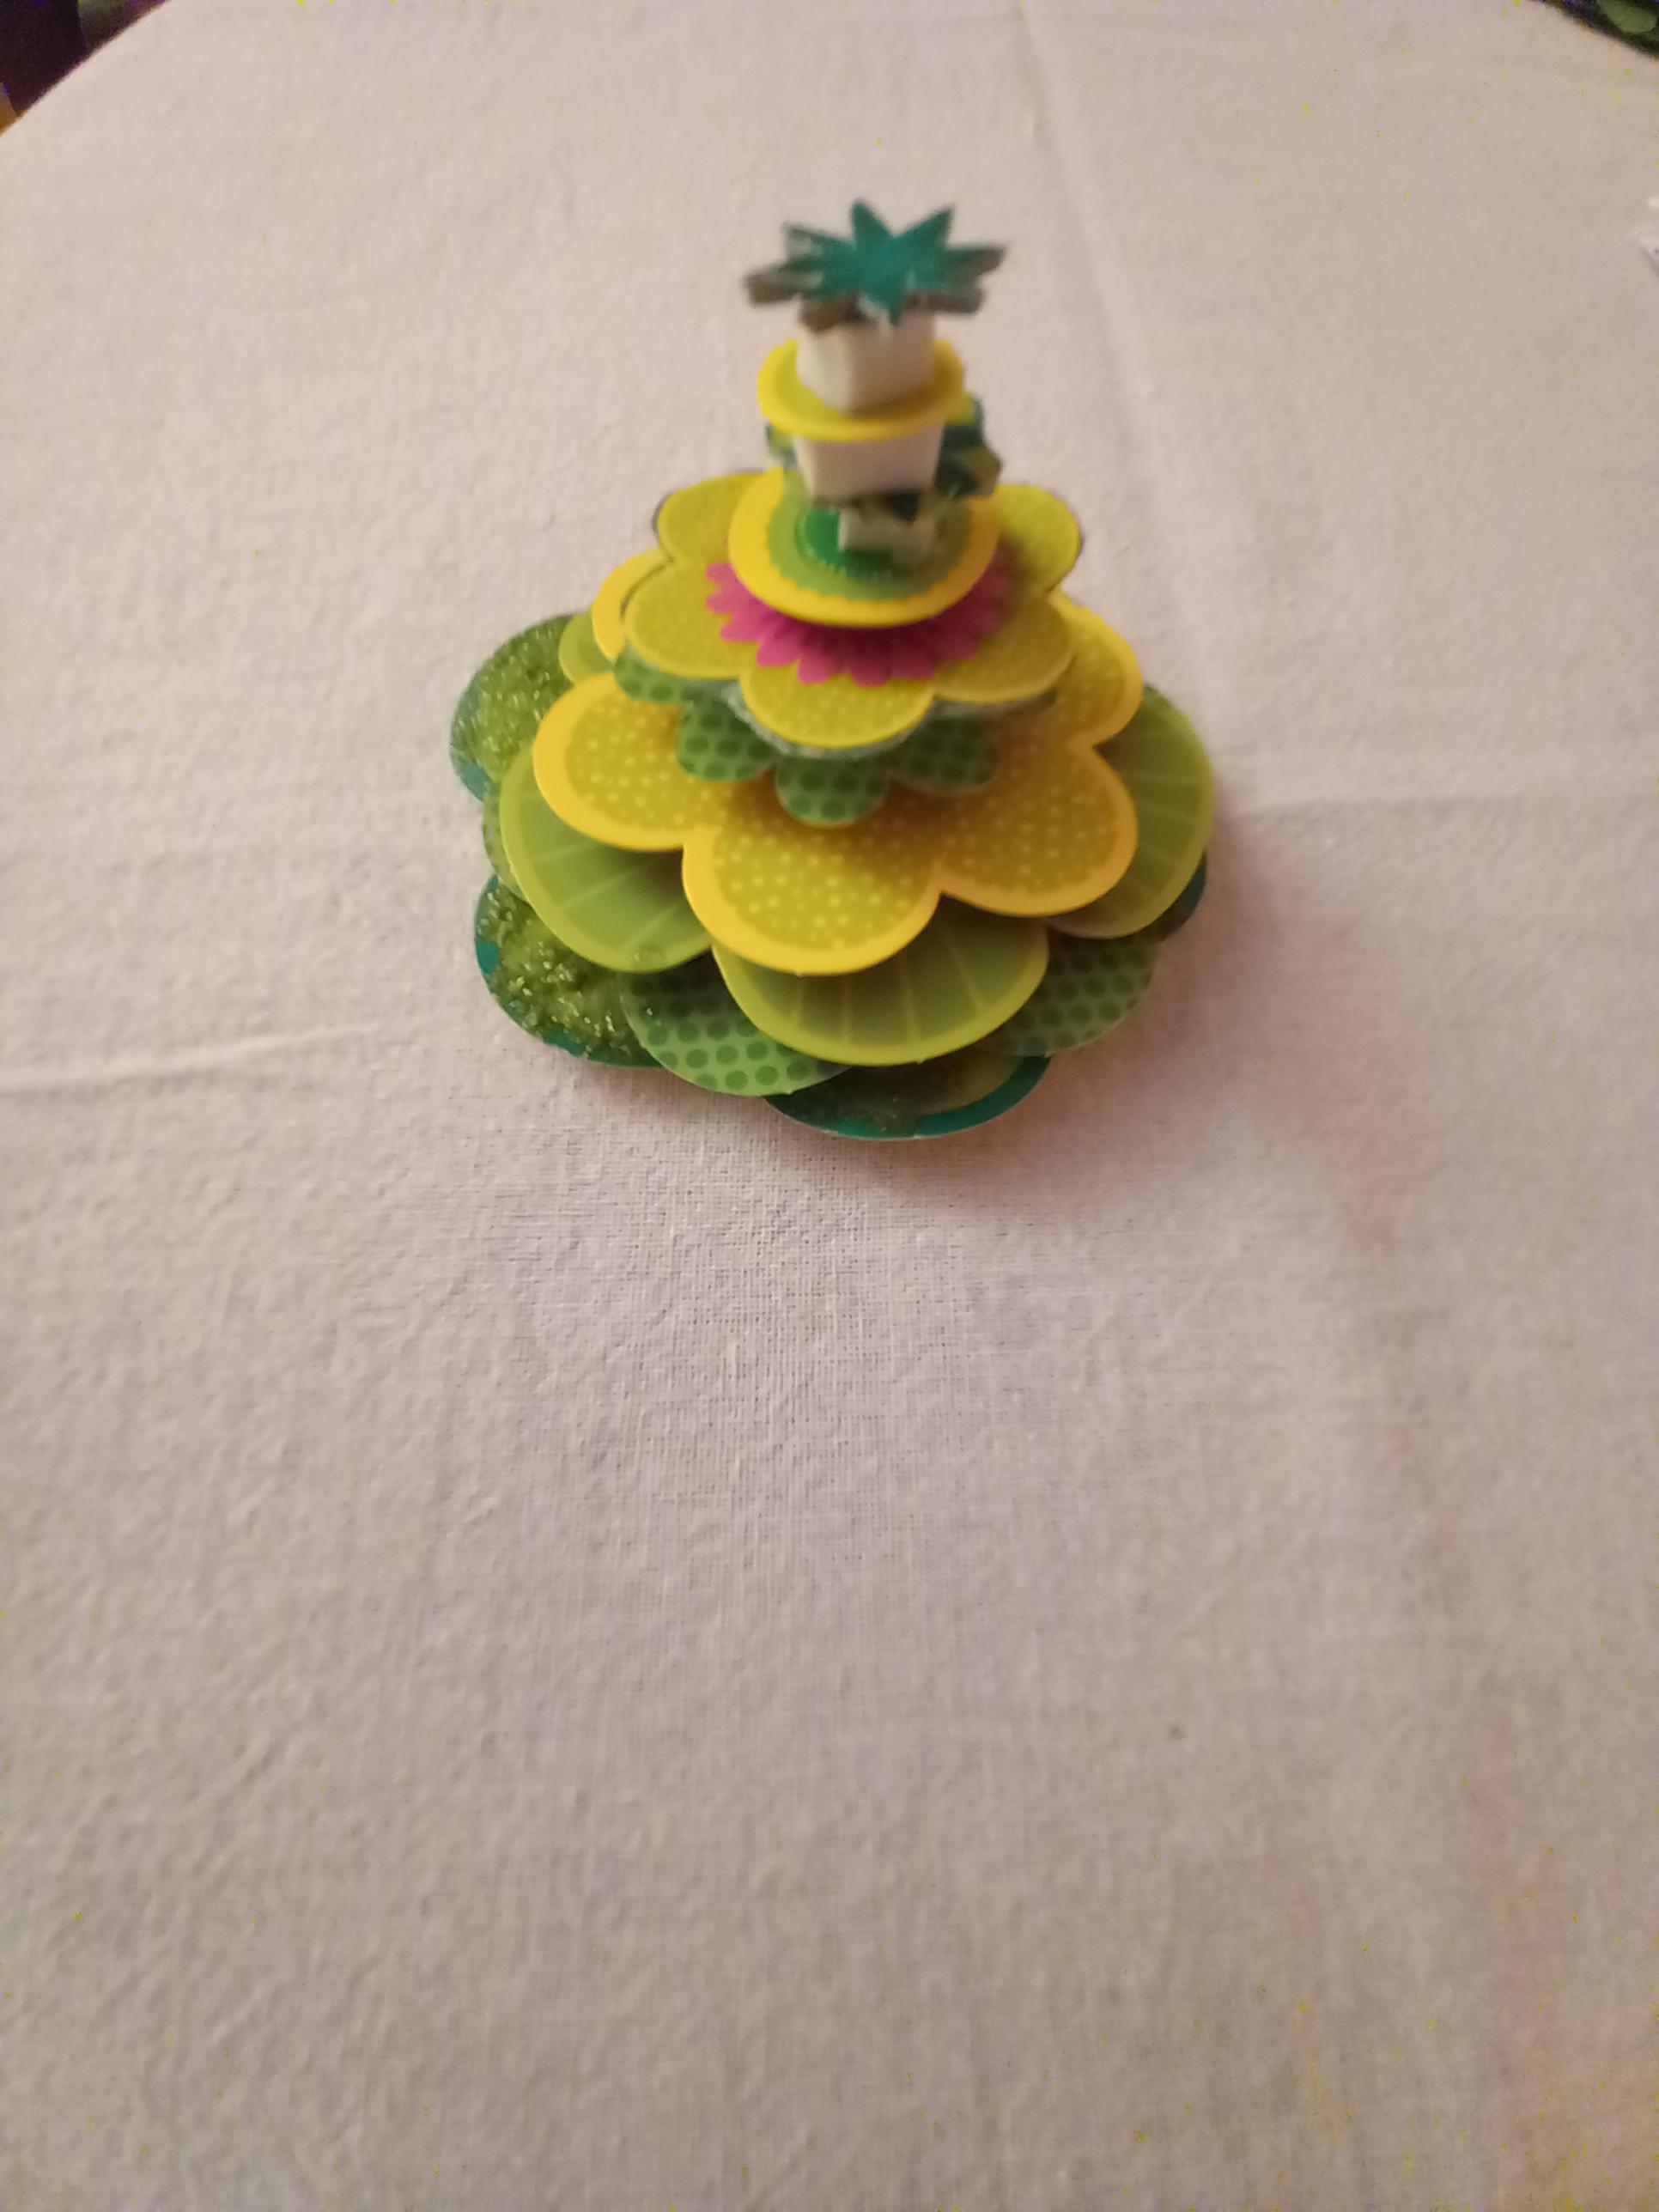 troc de troc fleur de décoration 3d. image 1